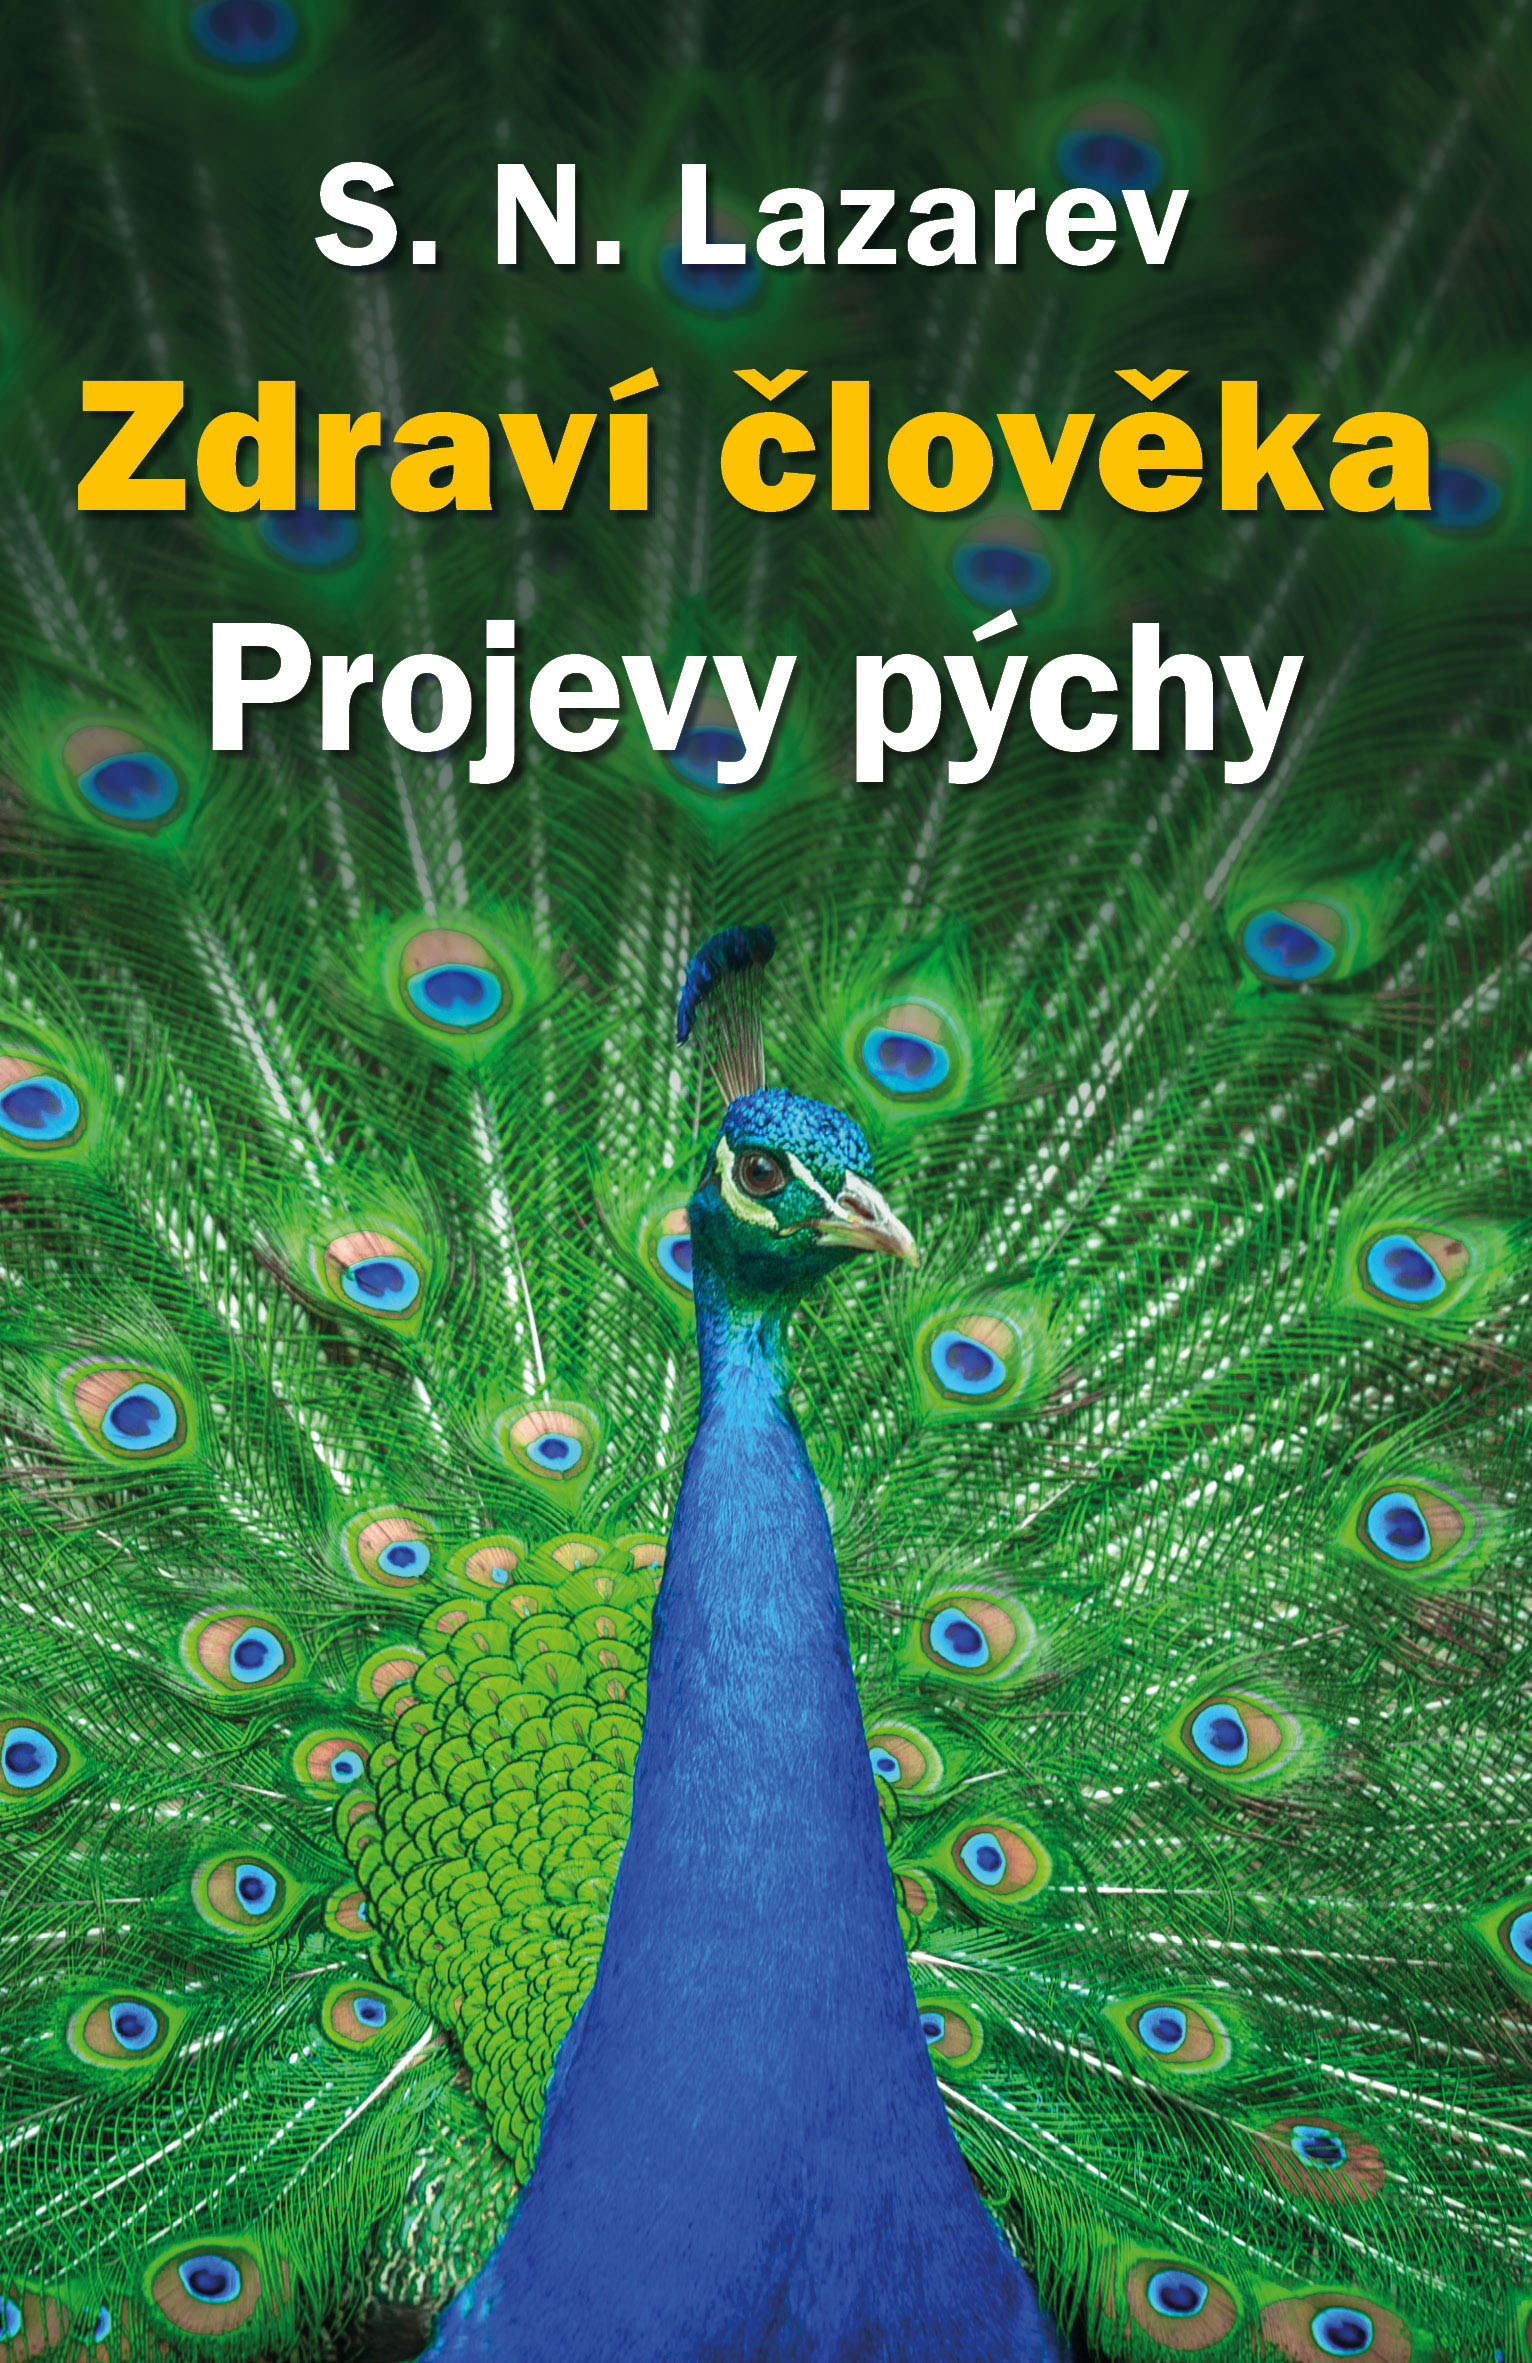 Zdravi_cloveka_Projevy_pychy_3